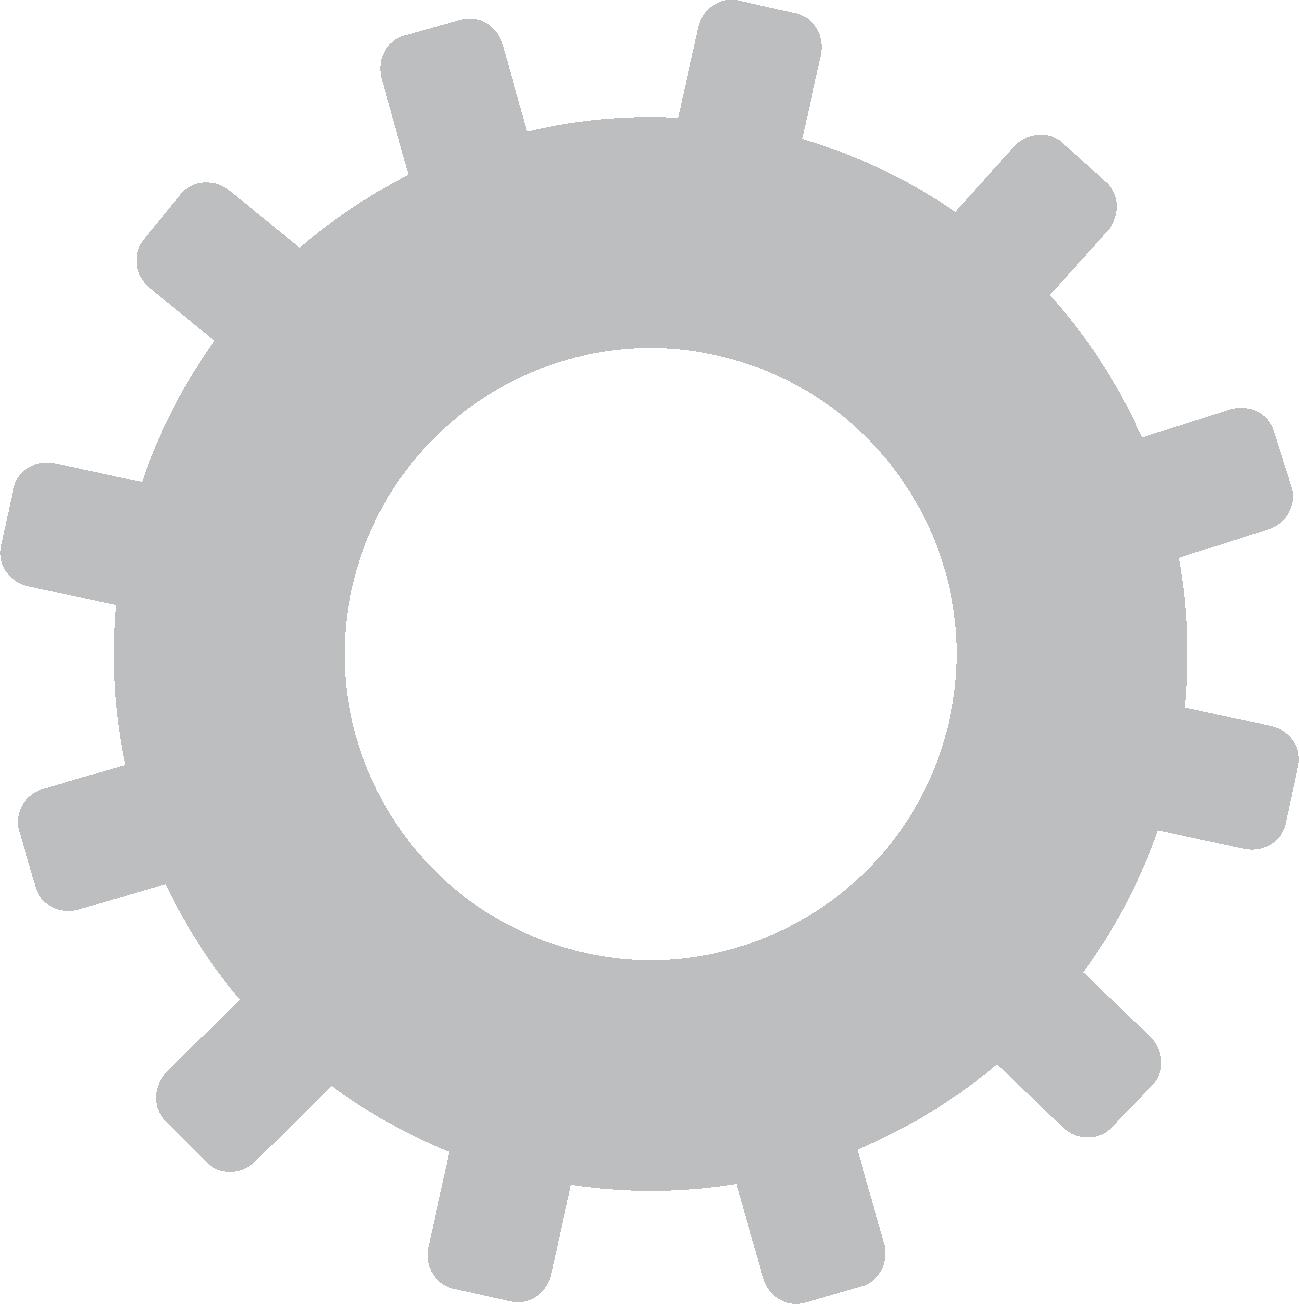 teamwork clipart gear #145438062